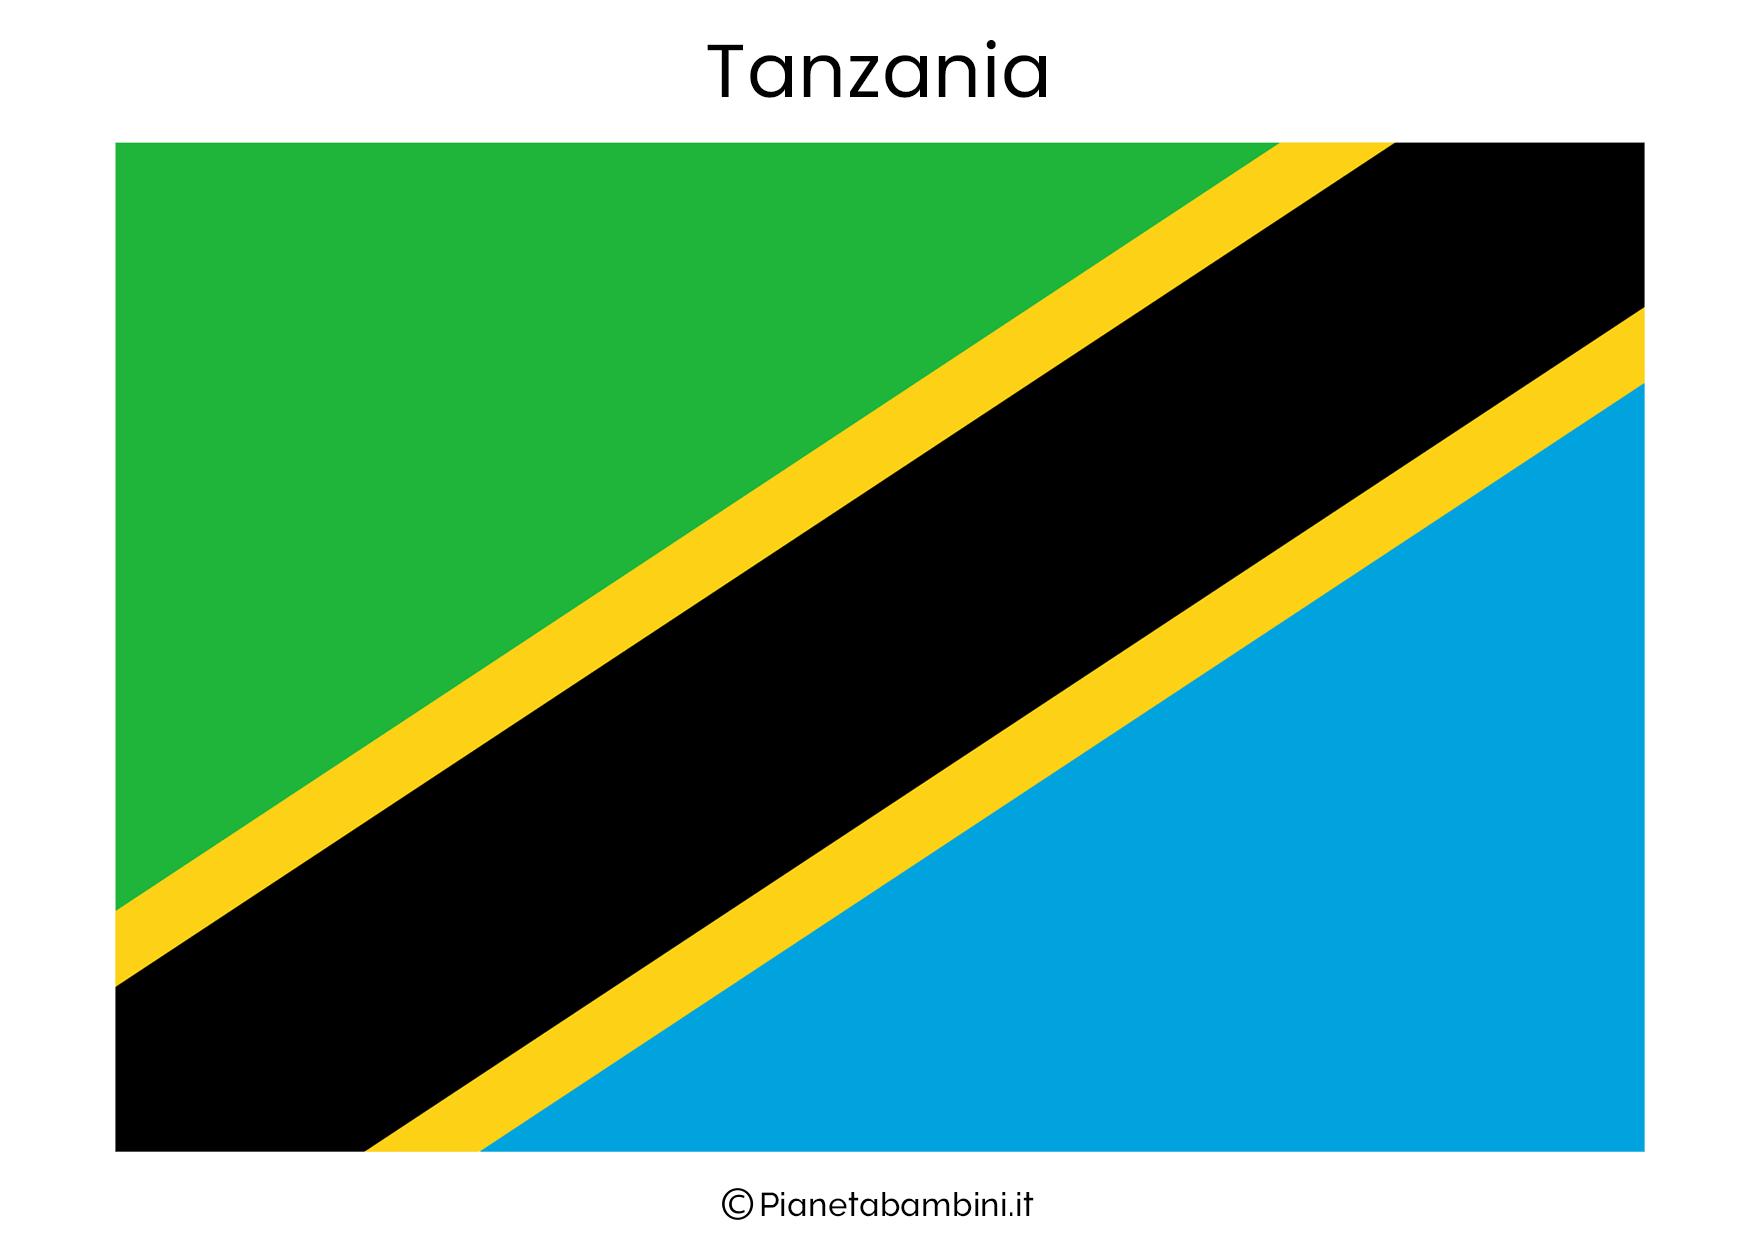 Bandiera della Tanzania da stampare